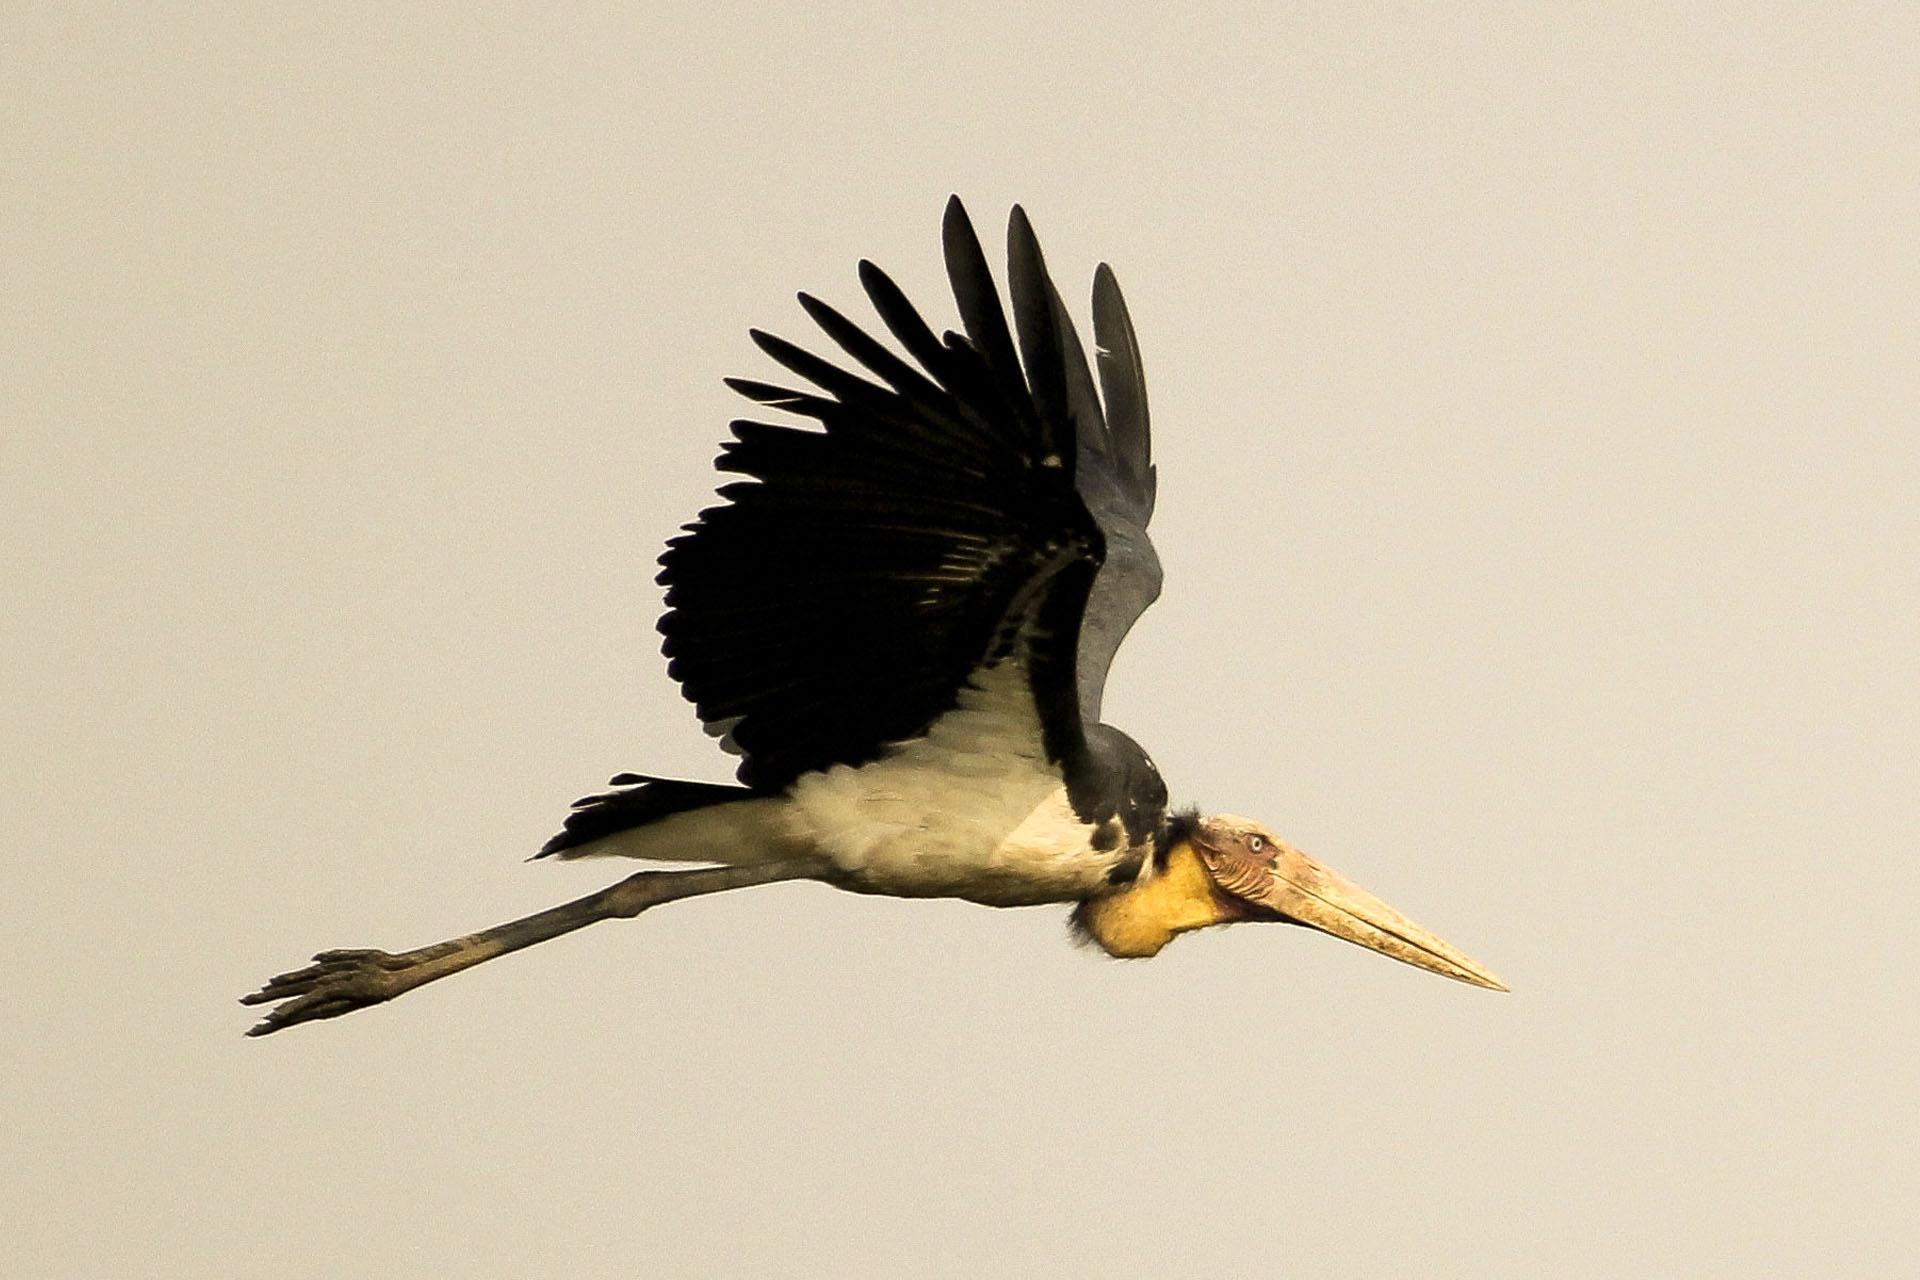 Lesser Adjutant flying